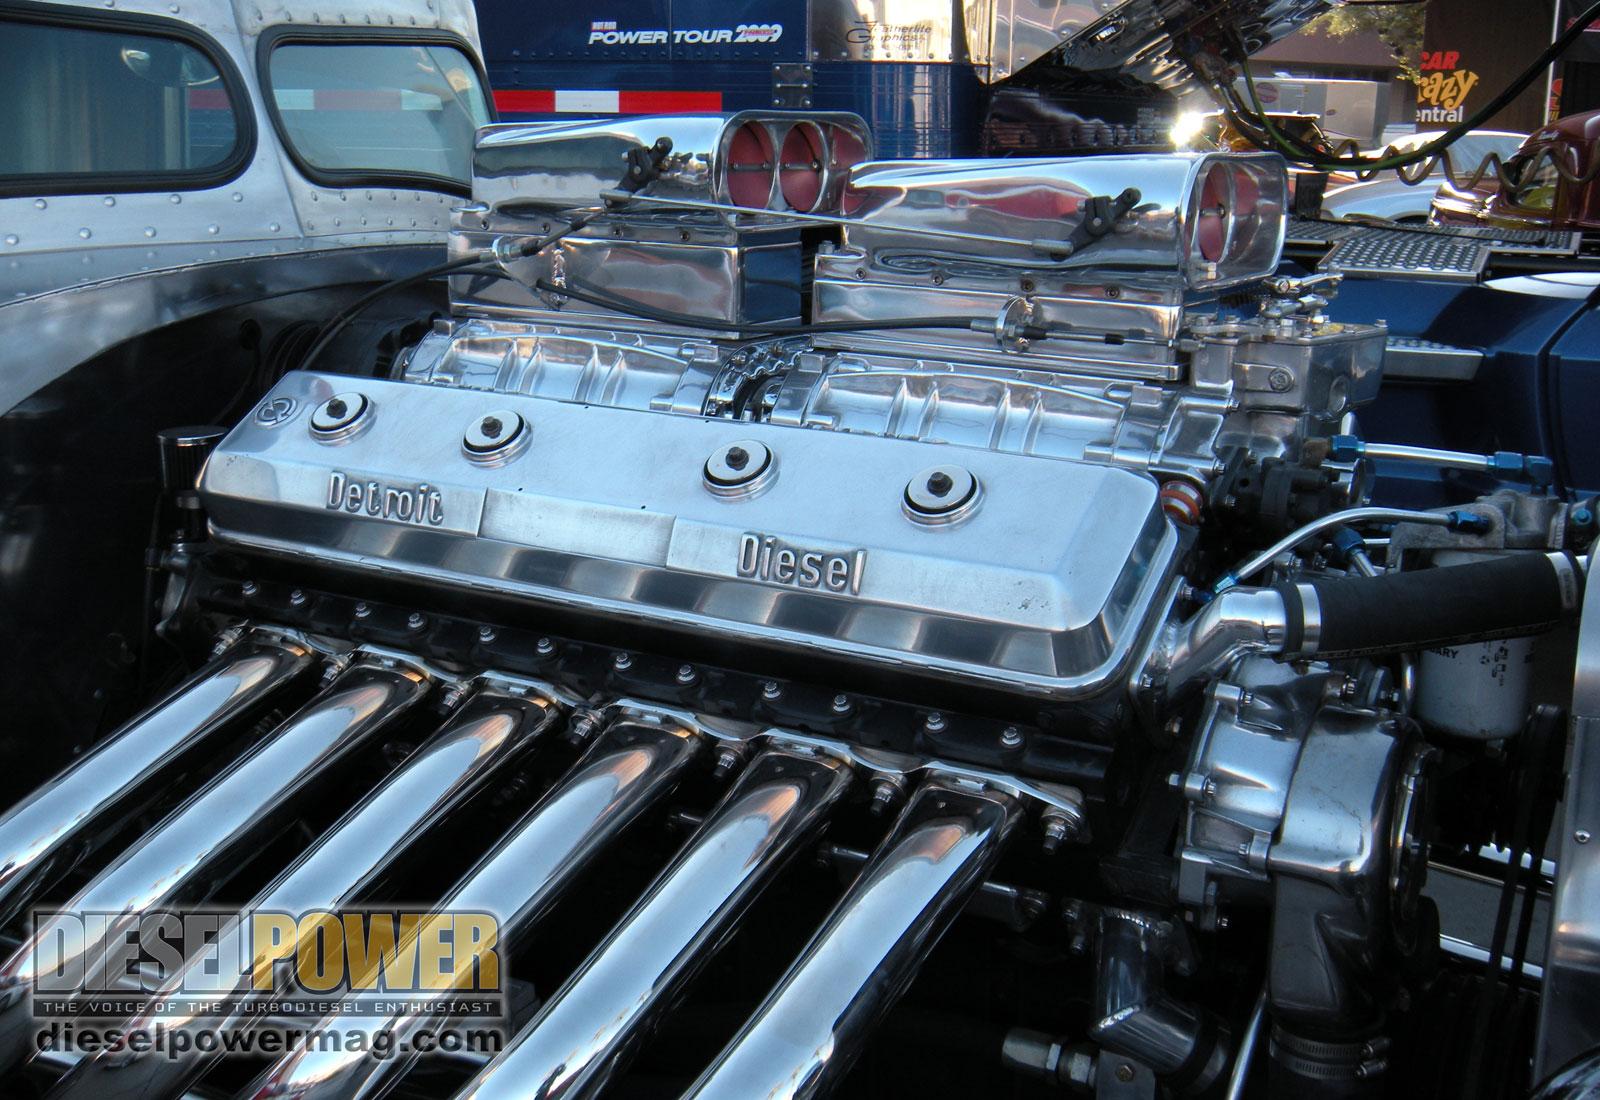 Duramax Diesel For Sale >> Diesel Engine Wallpaper - WallpaperSafari